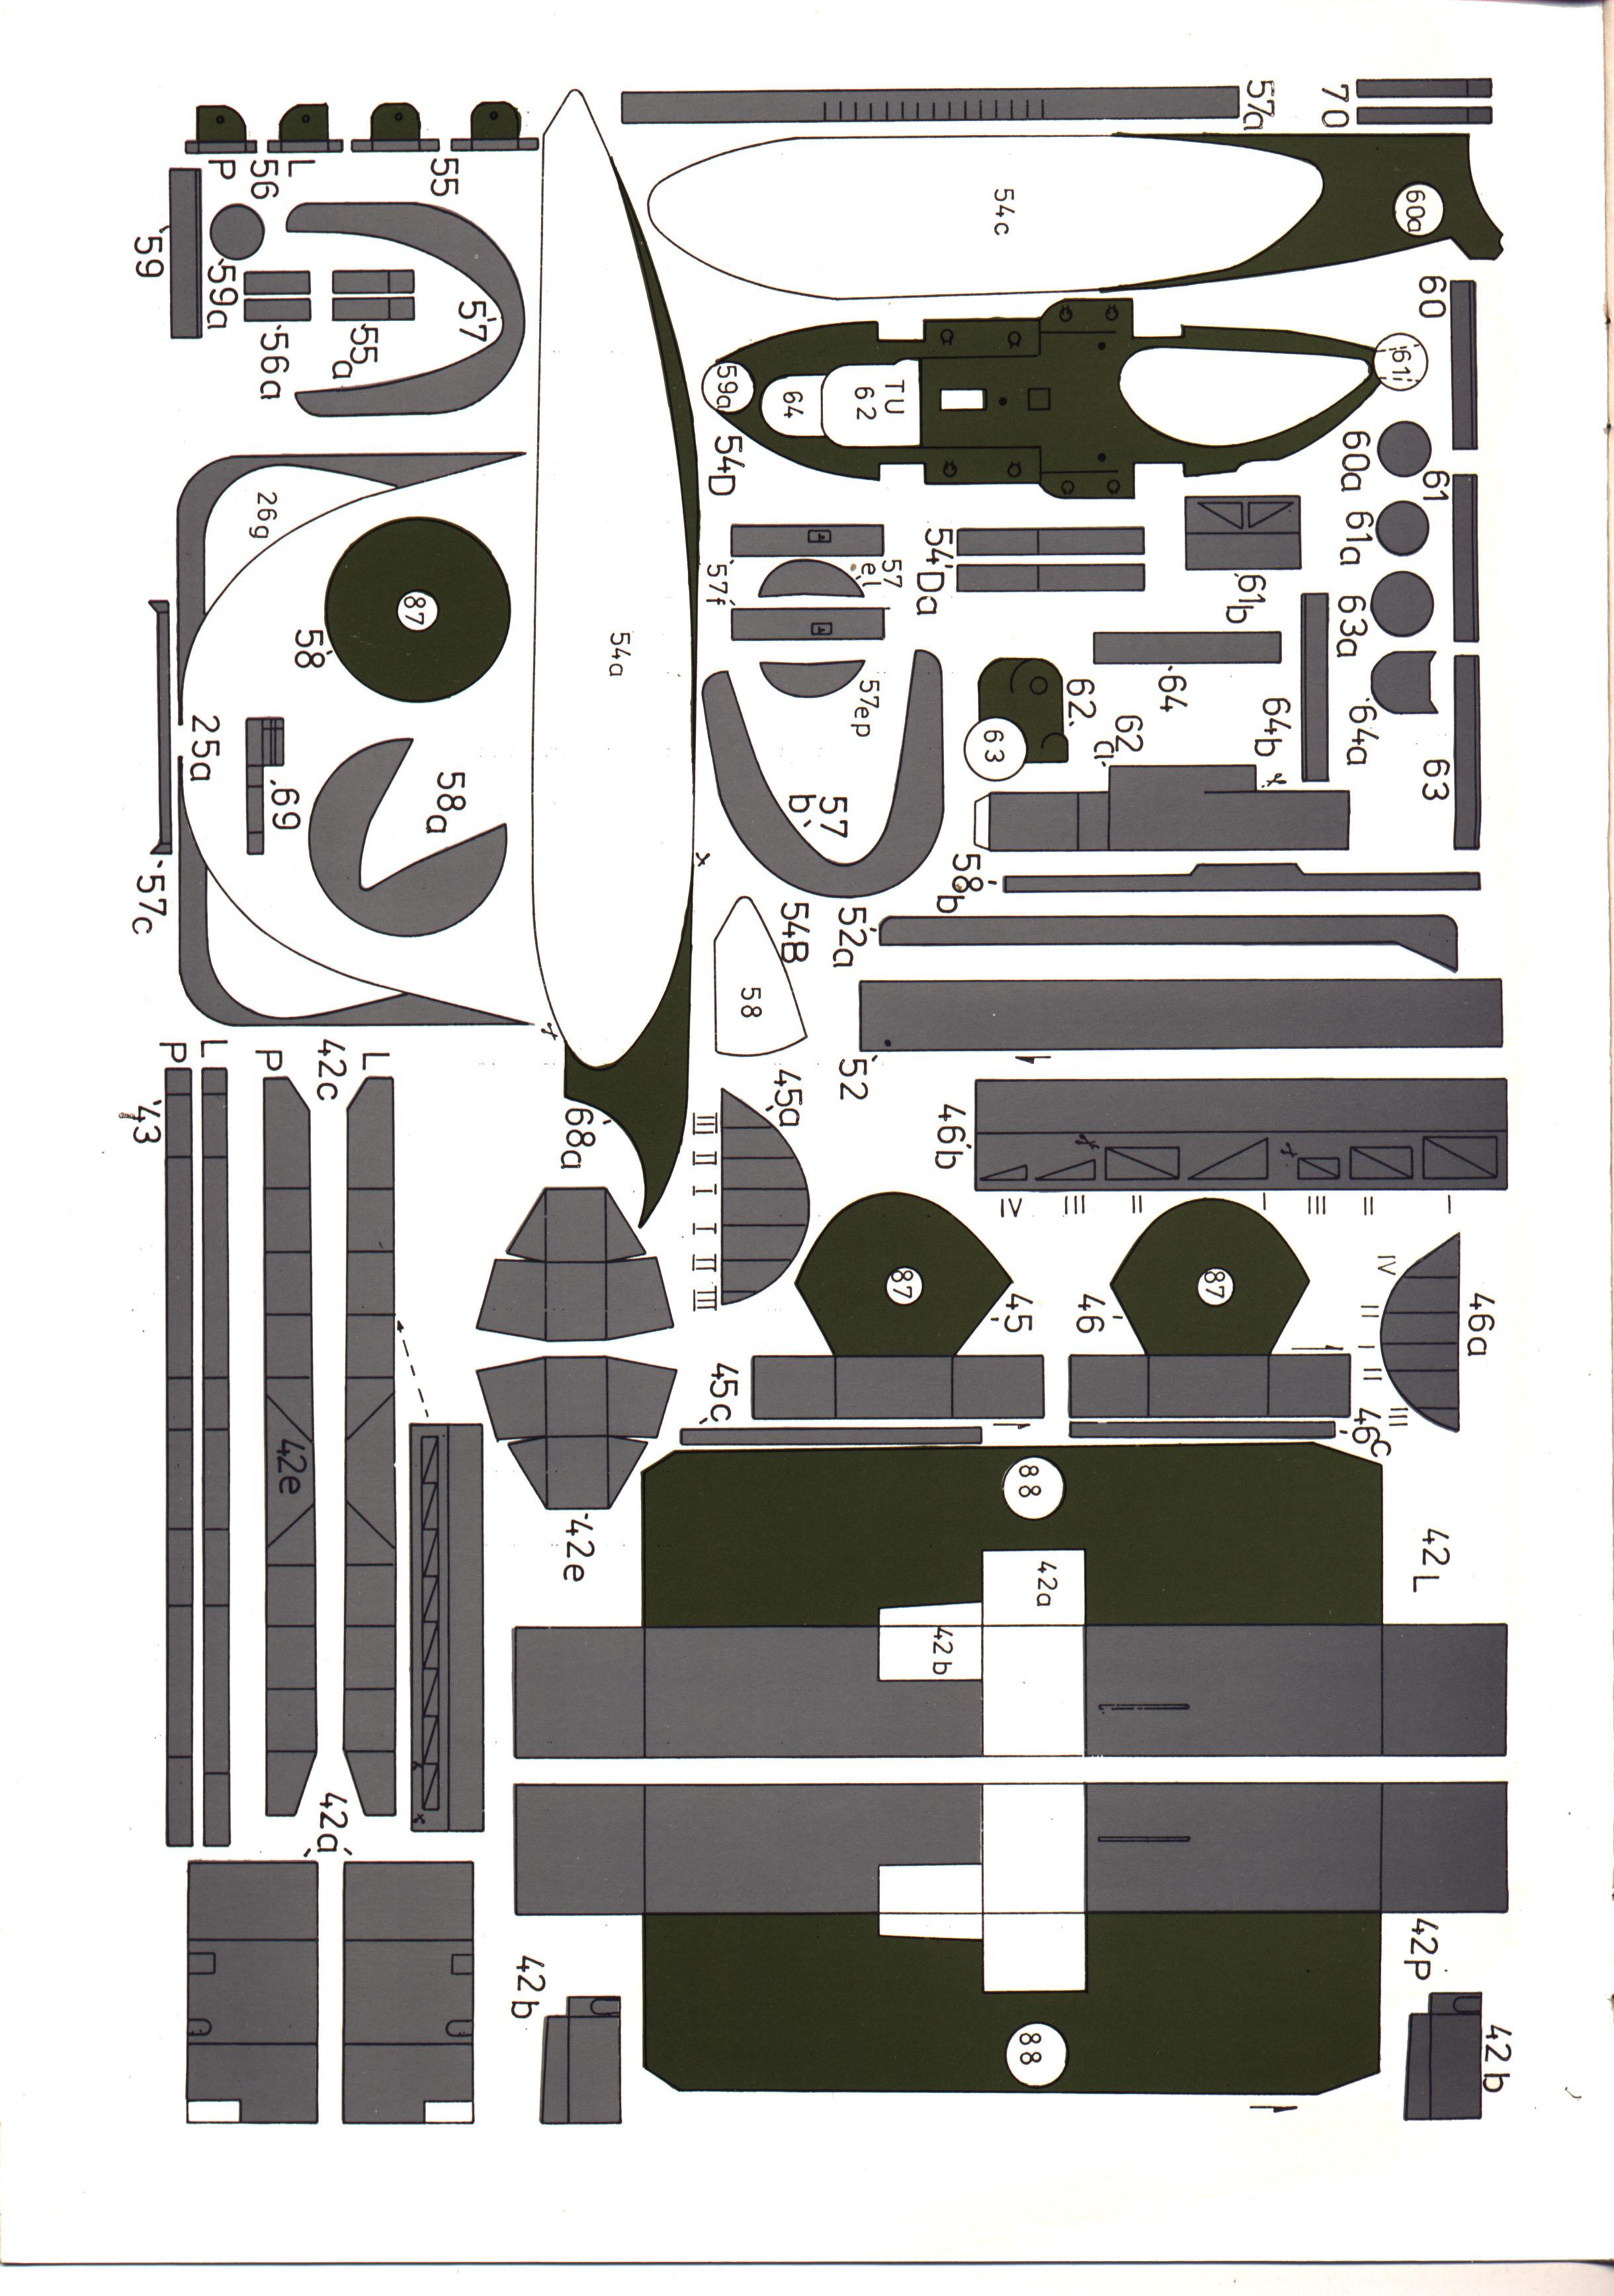 英国航母胜利号船模平面图纸 JPG格式